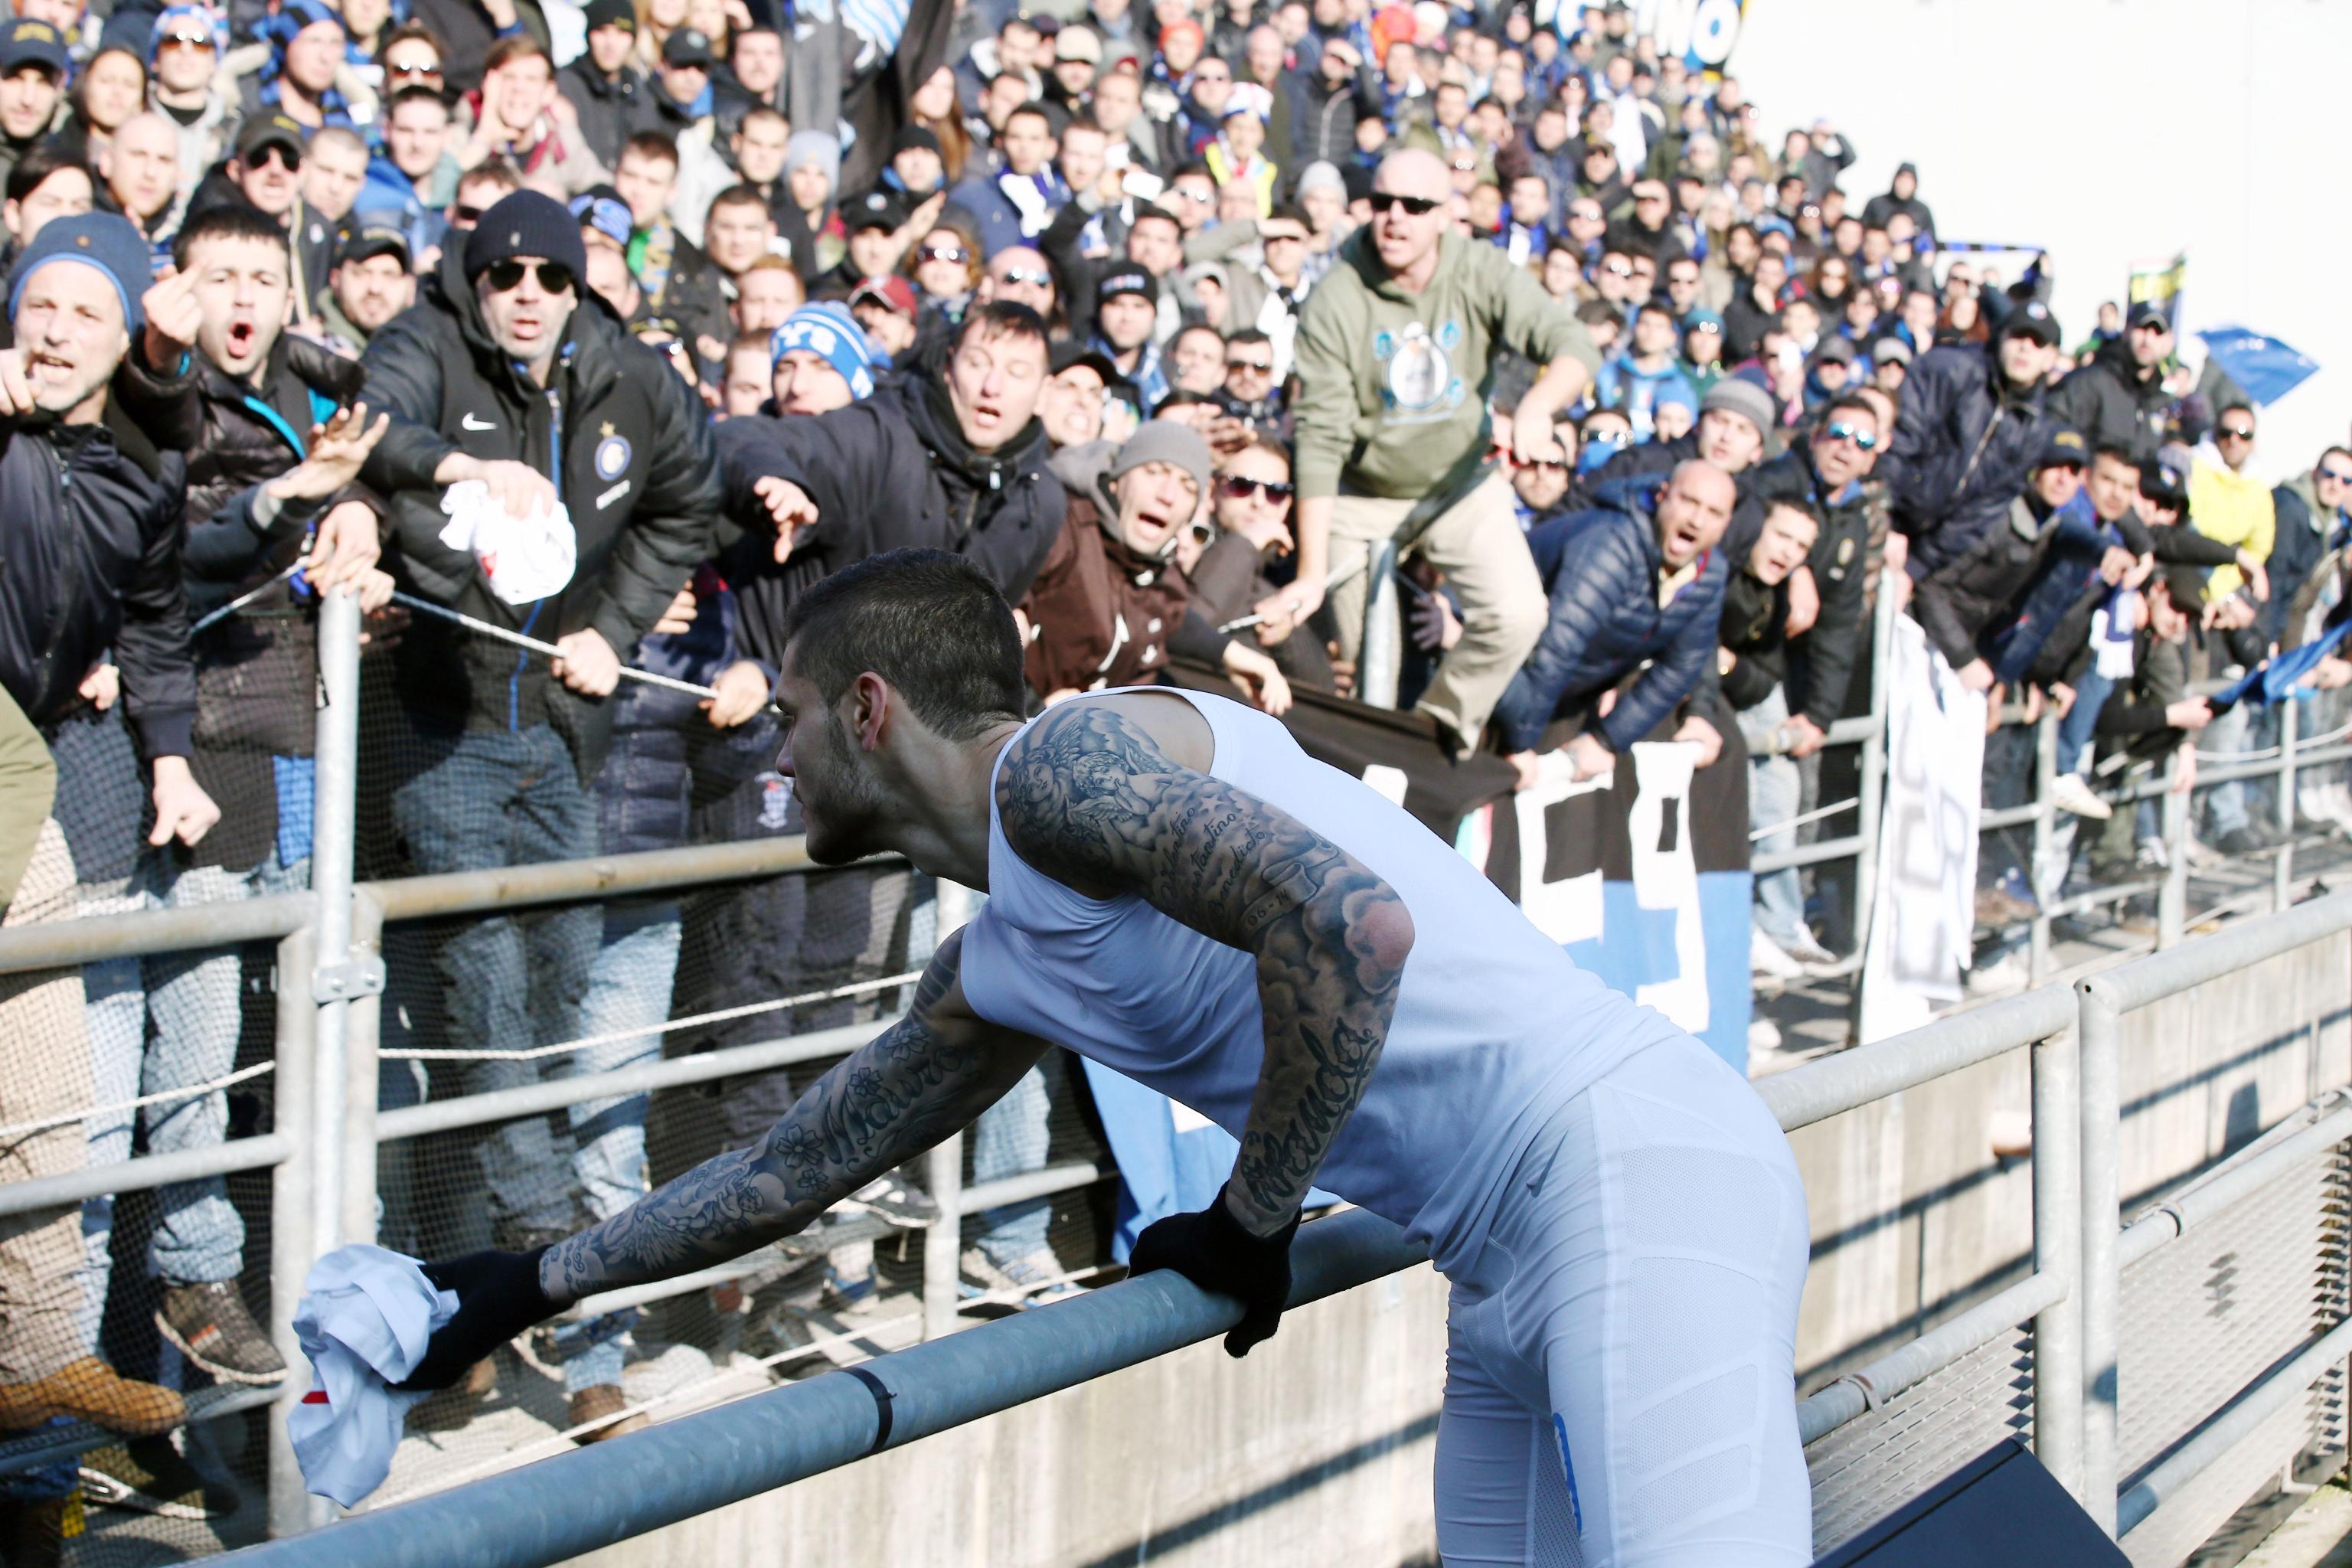 Era l'1 febbraio 2015, al Mapei Stadium l'Inter fu sconfitta 3-1 dal&#160;Sassuolo.&#160;Un ko pesante che fece infuriare i tifosi. Al termine del match Icardi e Guarin, con altri compagni, vanno sotto lo spicchio degli ultras nerazzurri arrivati in trasferta. Vola qualche parola, i giocatori porgono le maglie, quella di Icardi viene rispedita al mittente. Insulti, Ranocchia che prova ad allontanare Icardi e Guarin. Bufera. Dopo il rientro negli spogliatoi e la doccia, Icardi, Handanovic, Ranocchia,&#160;Guarin e Carrizo tornano dai tifosi per un chiarimento. <br /><br /><br />